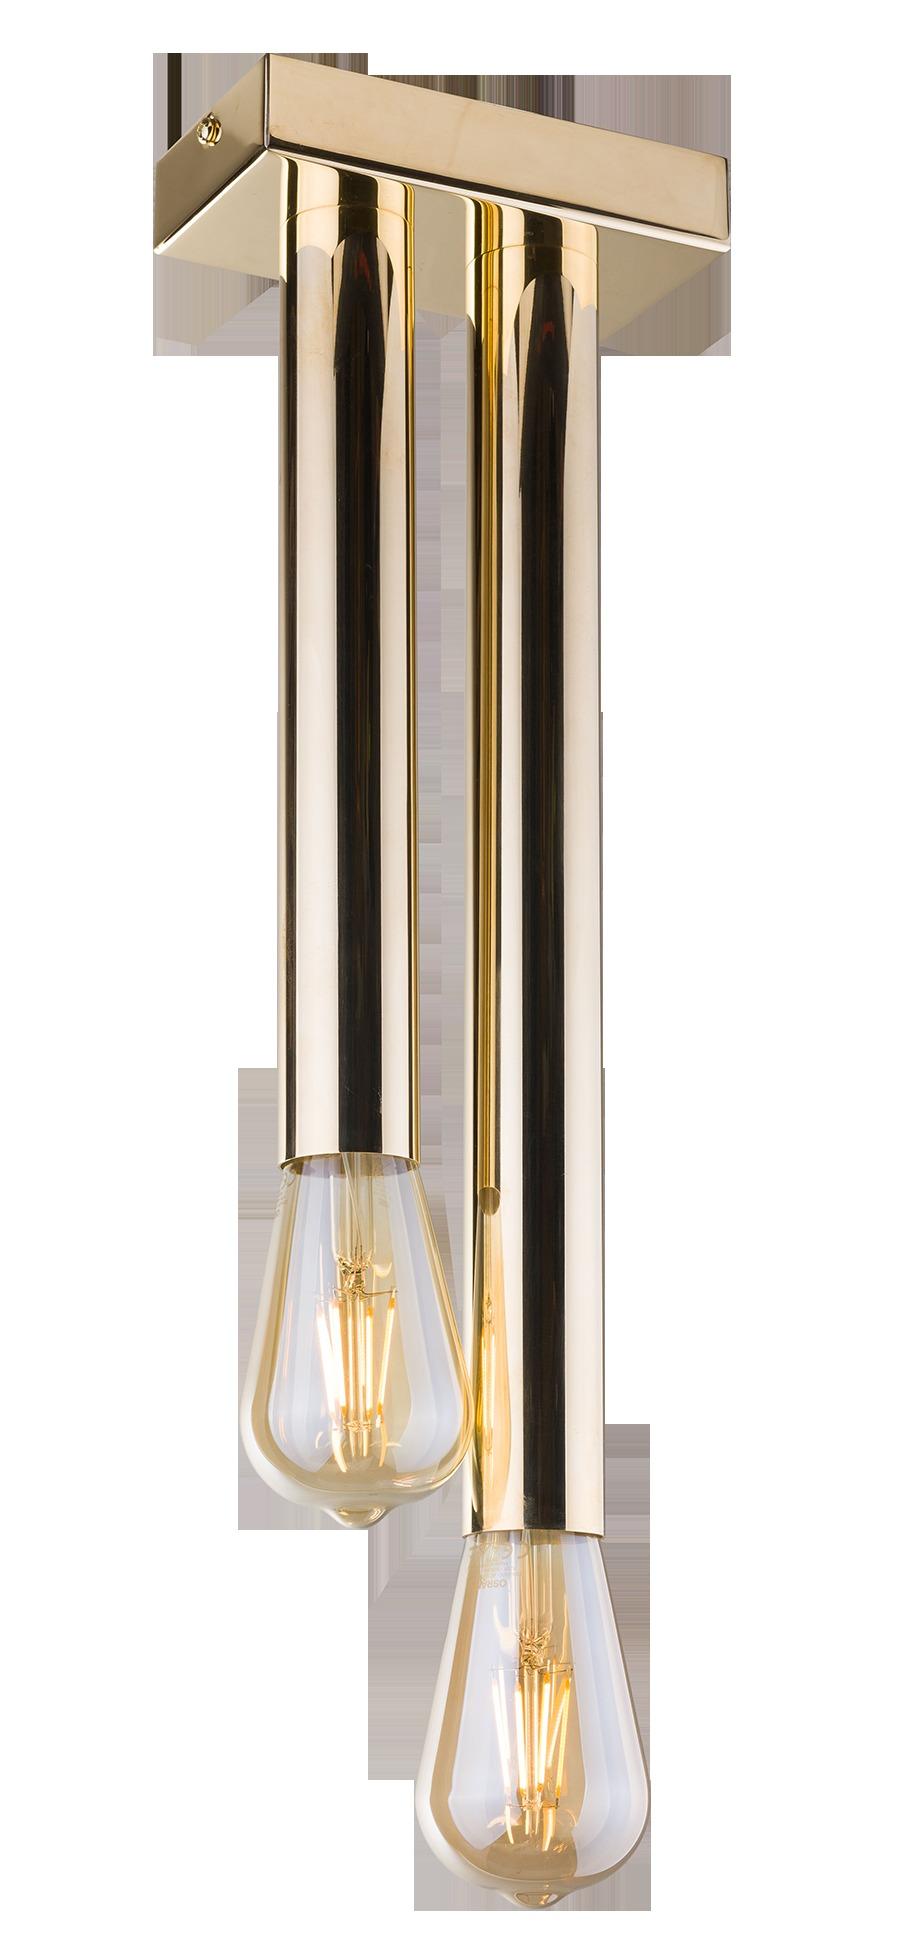 Lampa sufitowa Lagos 2 Złoty 0627 - Amplex // Rabaty w koszyku i darmowa dostawa od 299zł !